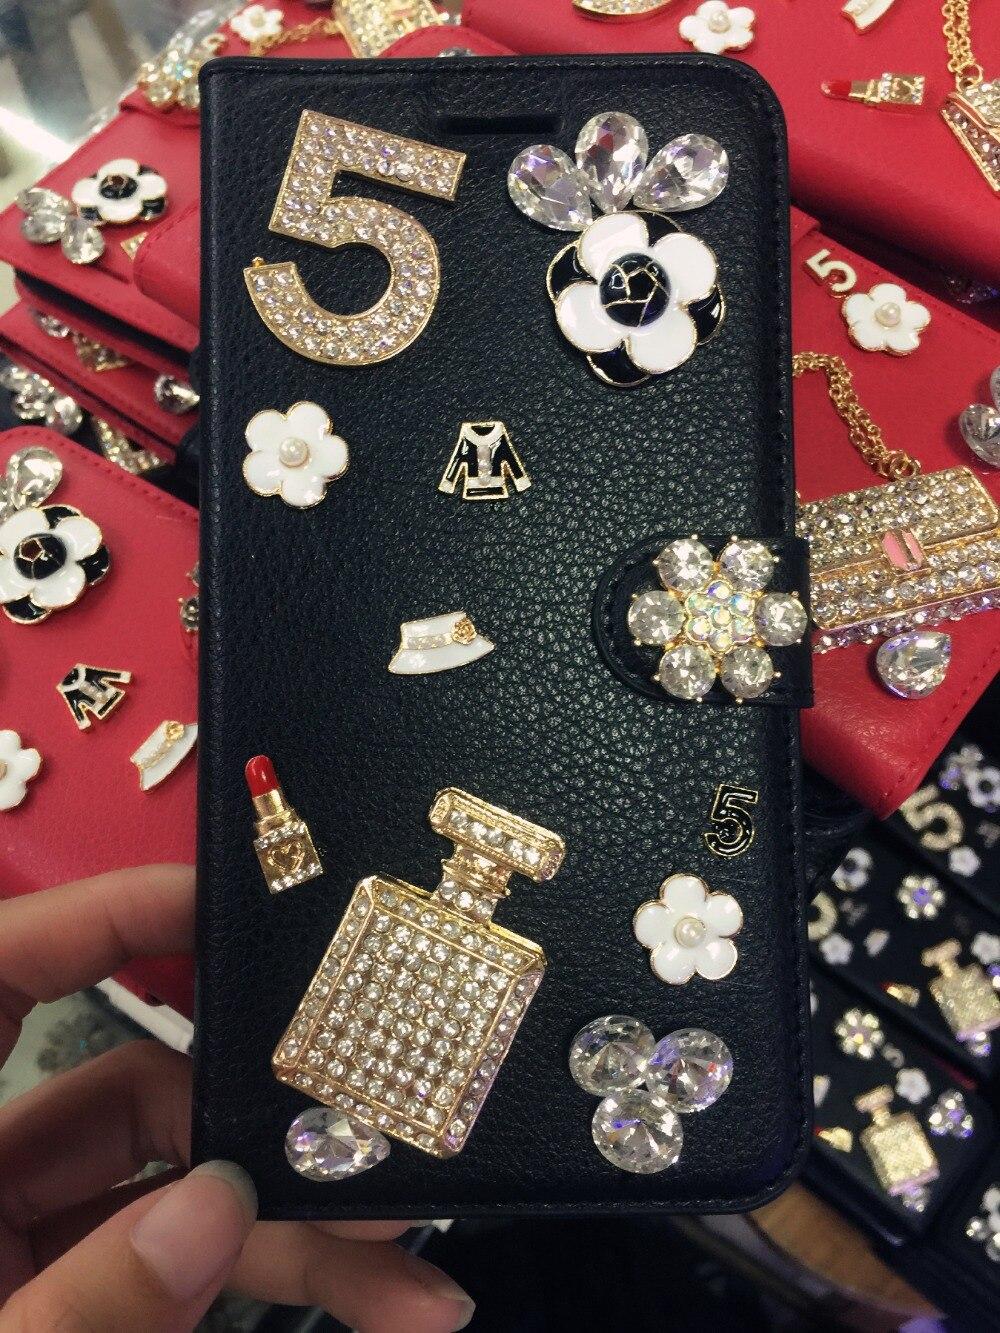 Алмаз флакон духов Сумочка цветок кожаный чехол для телефона Samsung Galaxy S8 S7 S6 Edge Plus S5 S4 S3 примечание 5 4 3 2